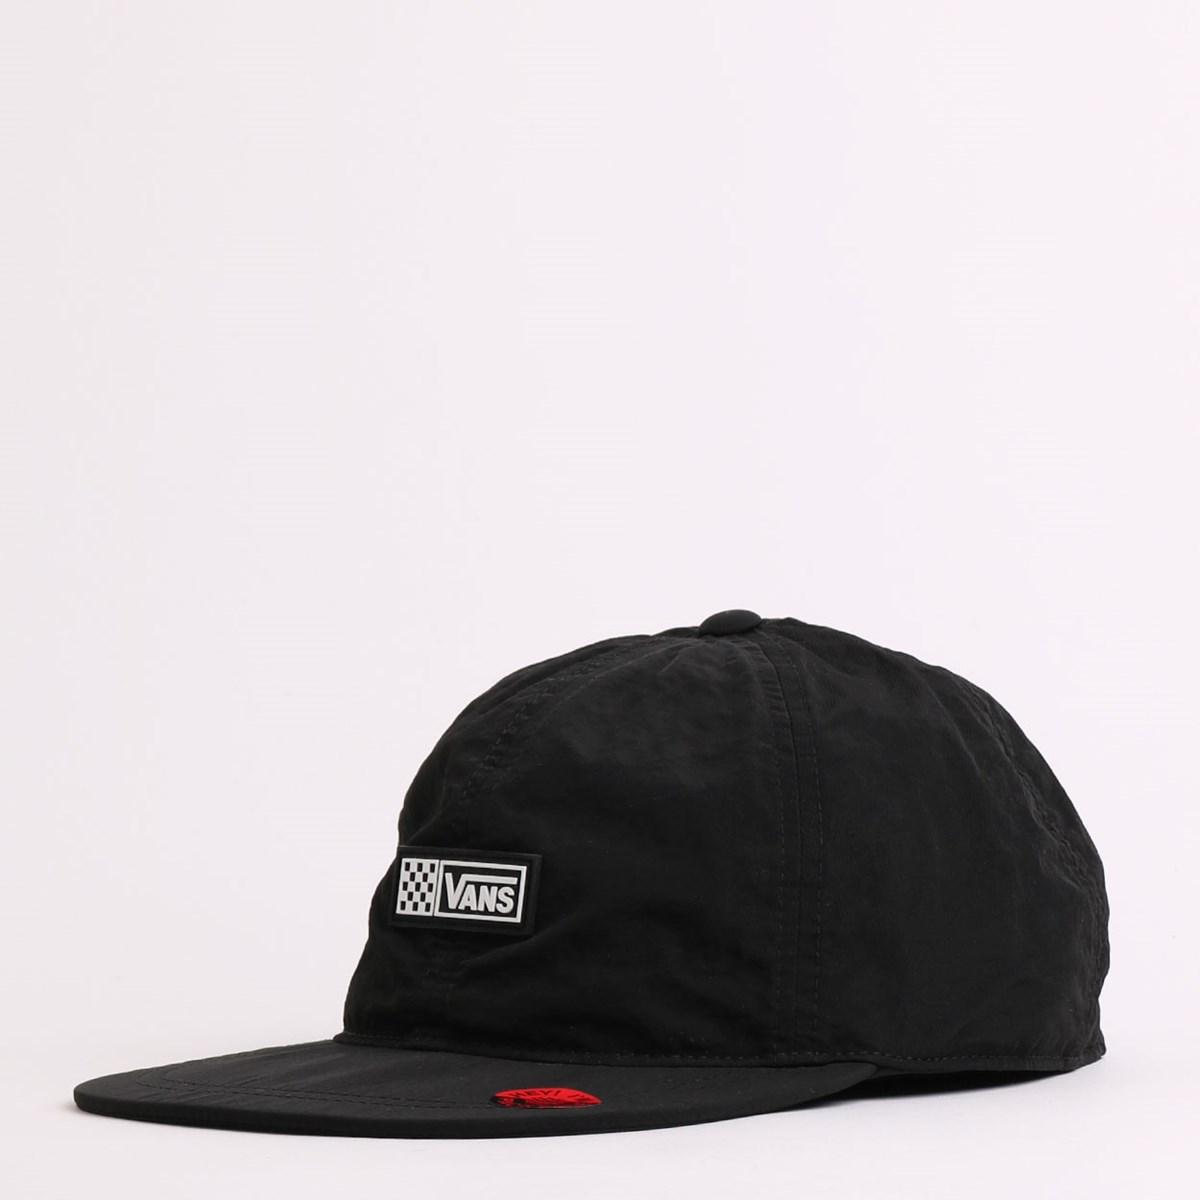 Boné Vans Stow Away Hat  Black Black VN0A47QABKA